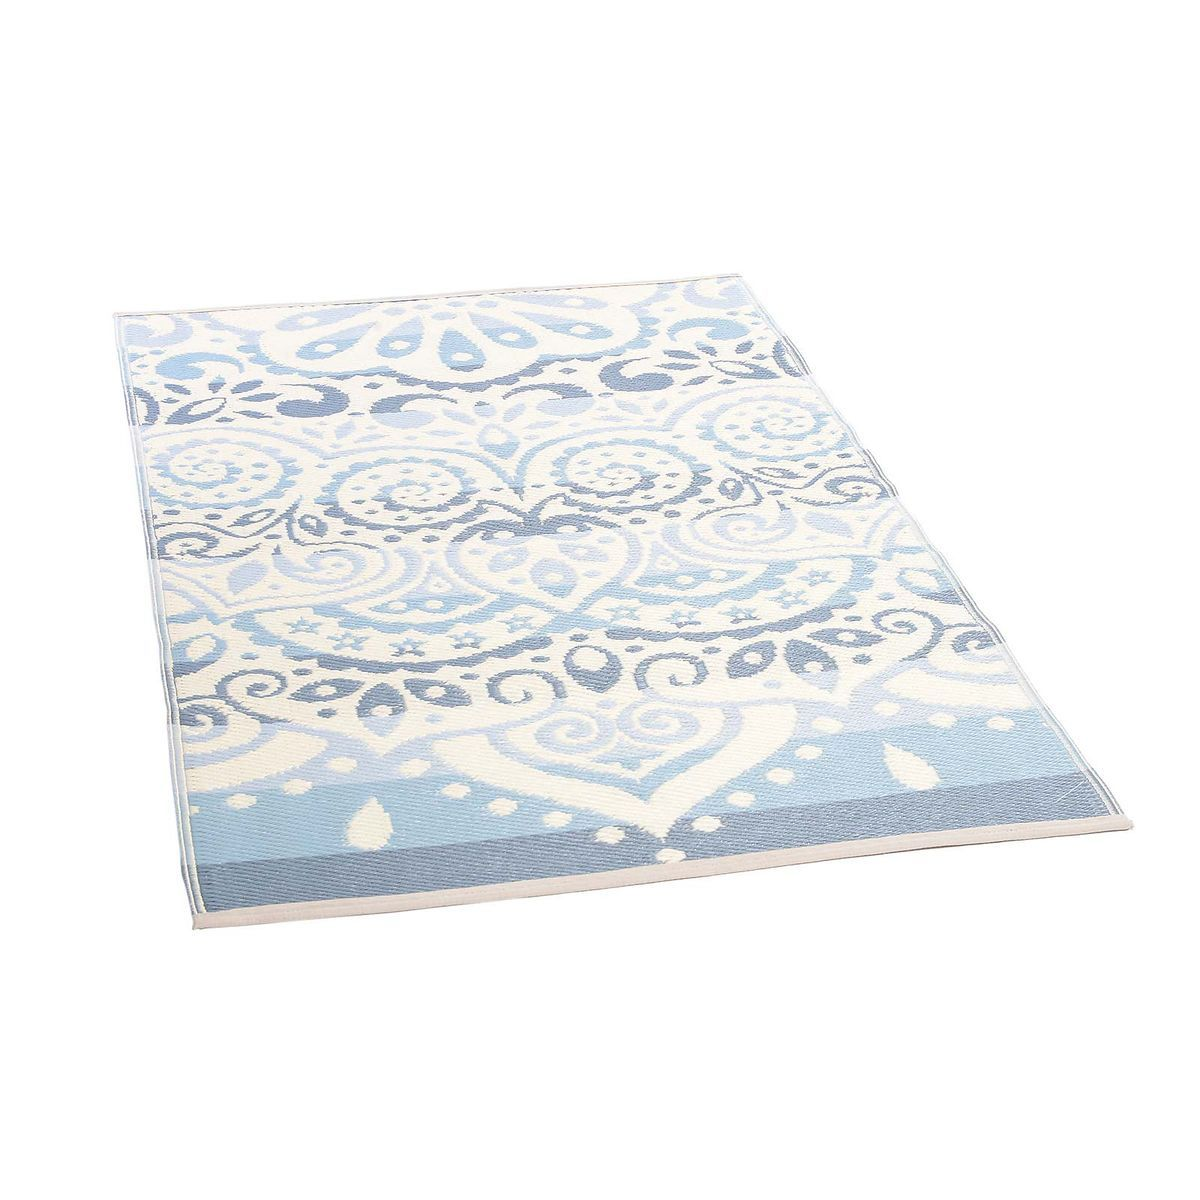 teppich outdoor beidseitig verwendbar b 150cm x l 206cm blau